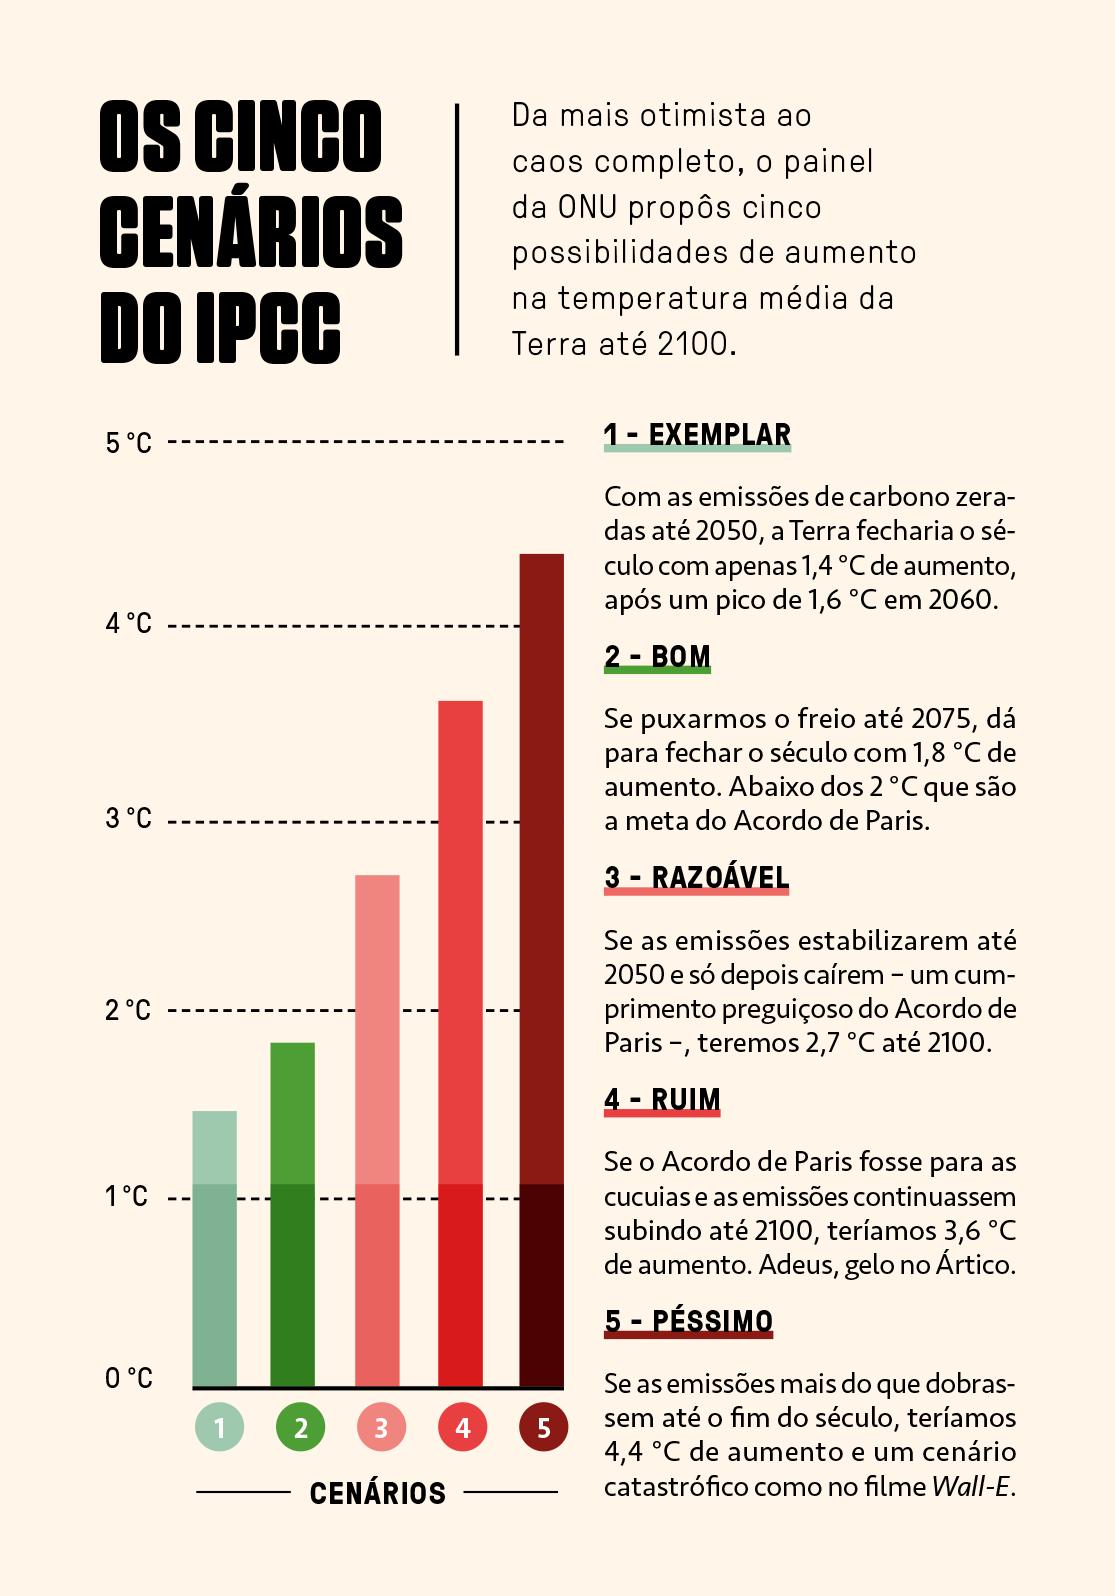 Gráfico mostrando a consequência de cinco cenários conforme a temperatura vai aumentando.